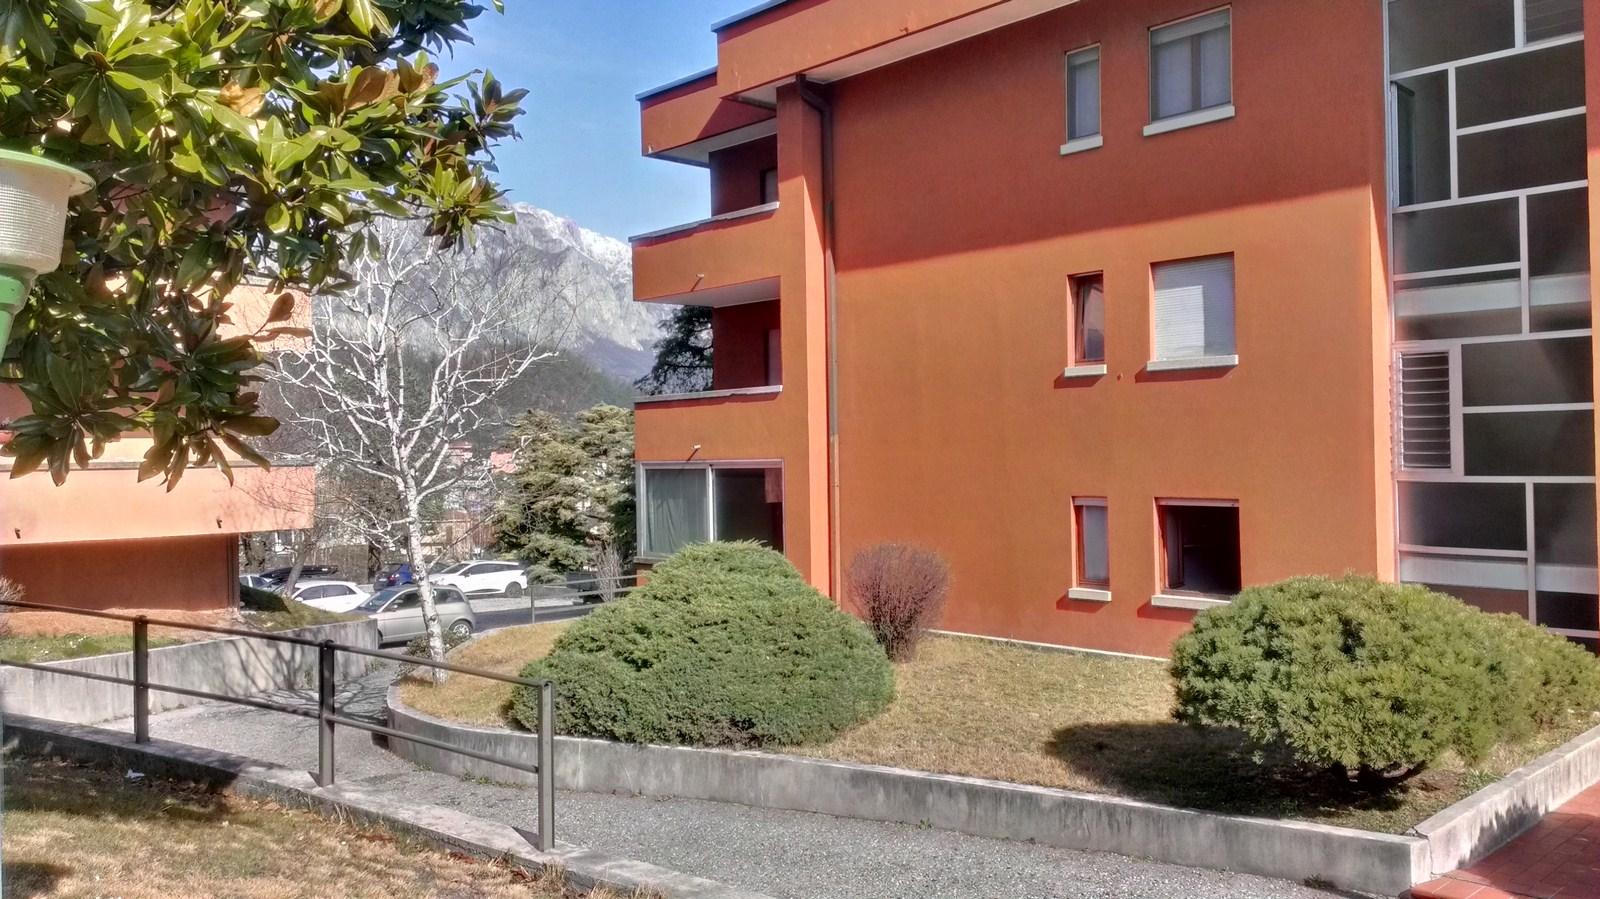 Appartamento in vendita a Pescate, 3 locali, prezzo € 110.000 | Cambio Casa.it